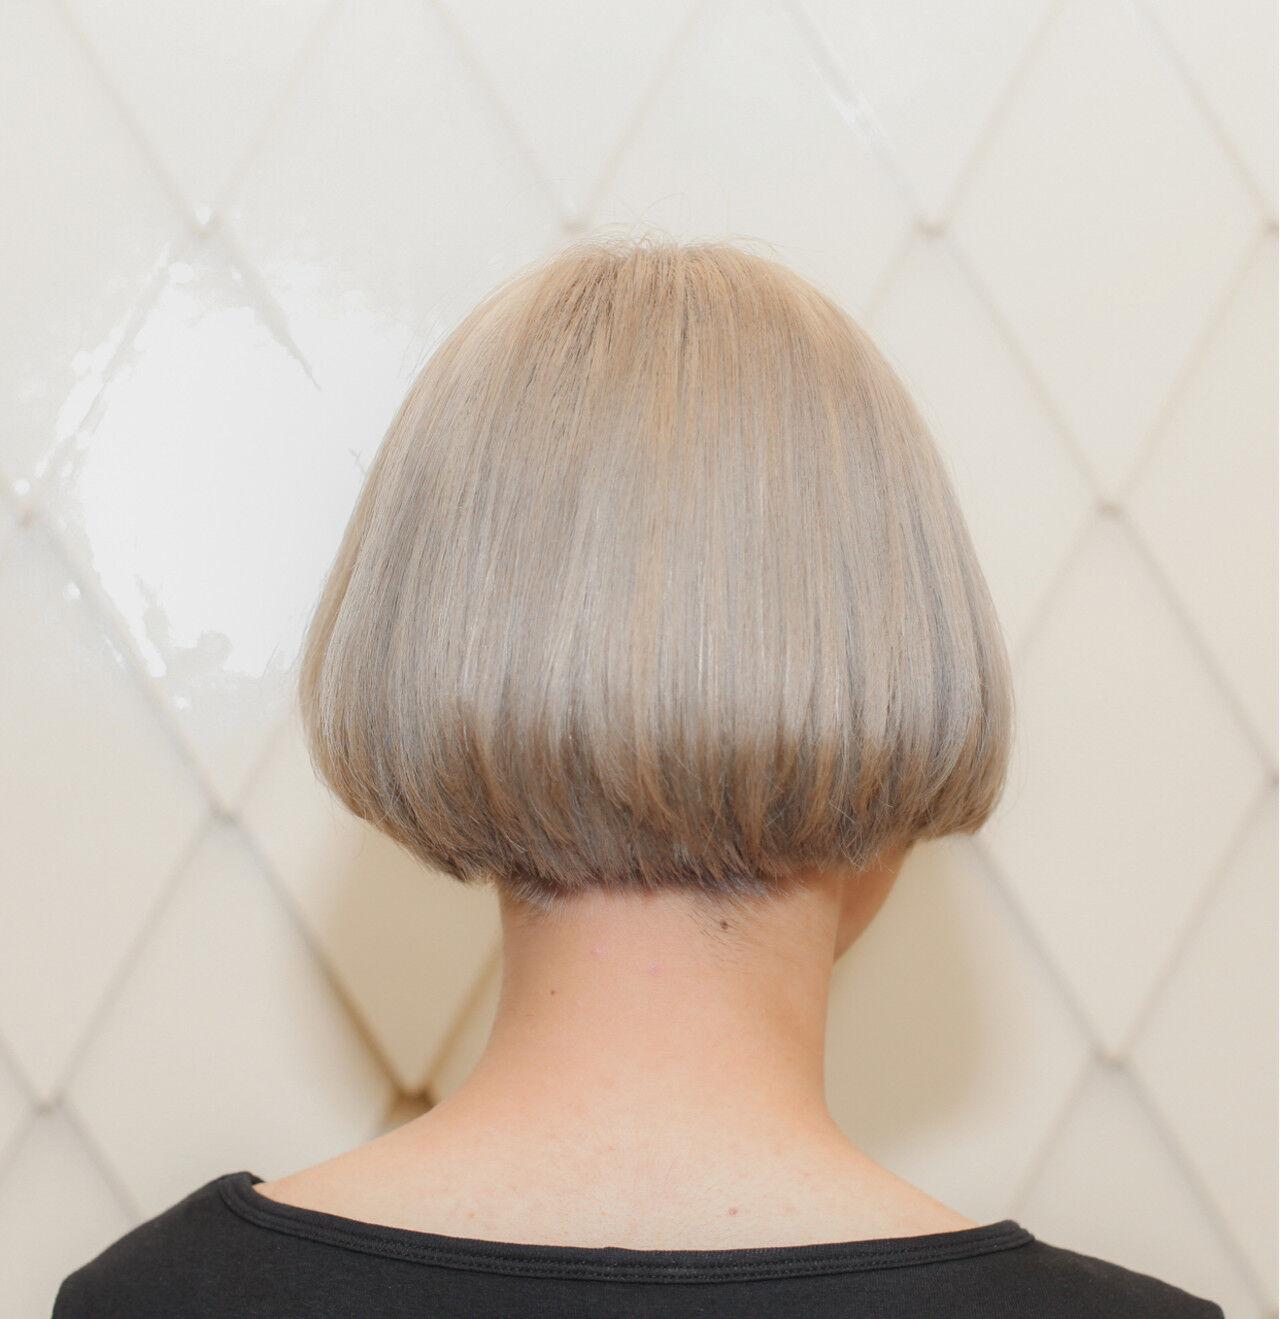 切りっぱなし アッシュ ナチュラル ボブヘアスタイルや髪型の写真・画像